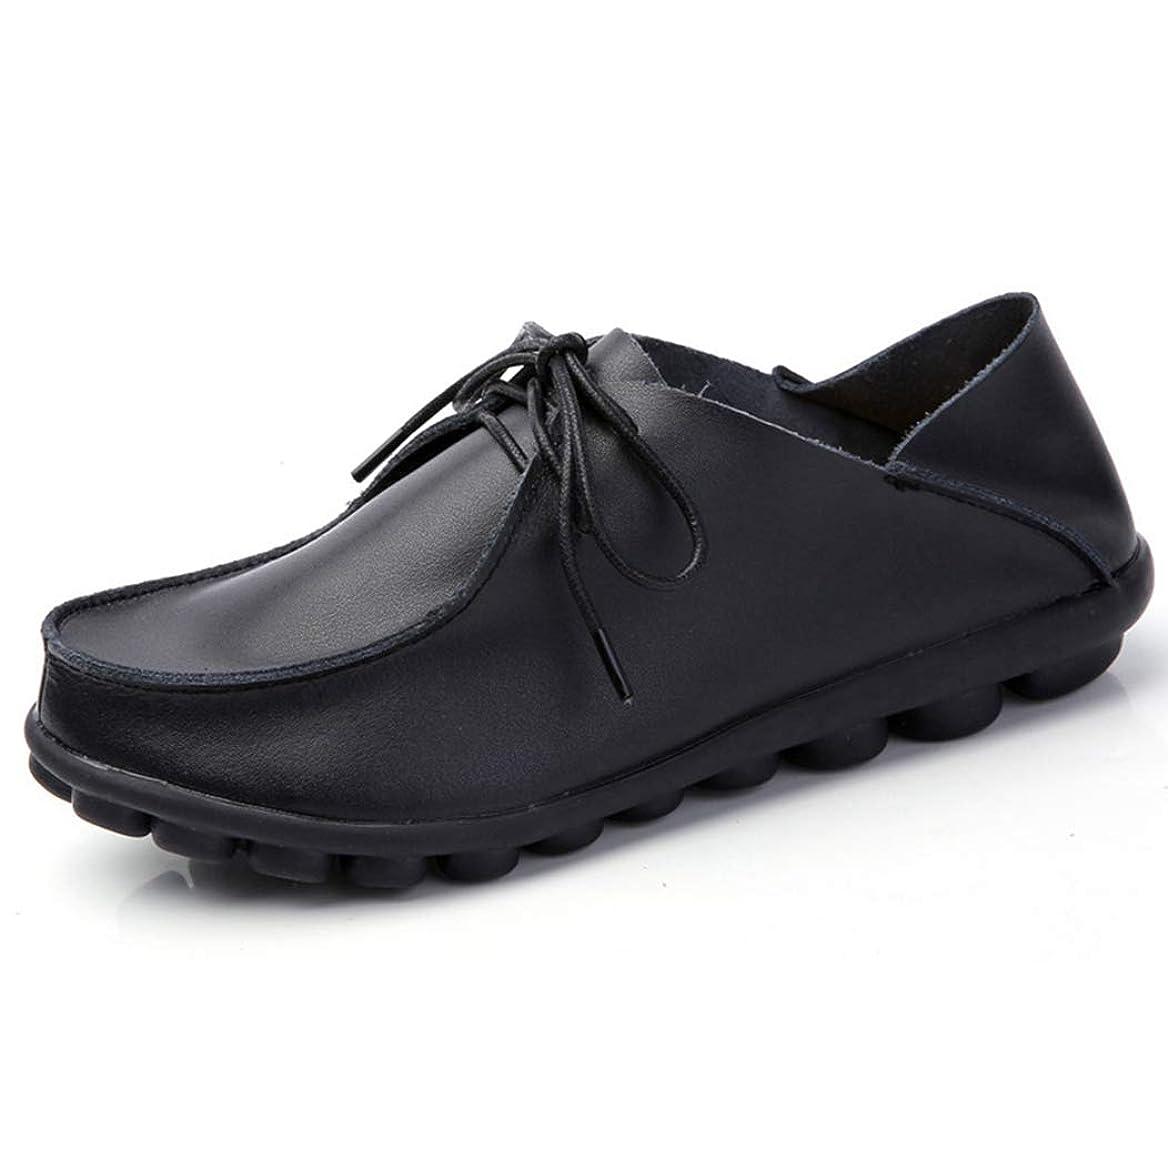 ポルティコピニオン業界[WOOYOO] カジュアルシューズ レディース レースアップ フラットシューズ 革靴 ドライビング 婦人靴 2way履き方 サンダル クッション おじ靴 ミュール 軽量 通気 日常着用 柔らかい 黒